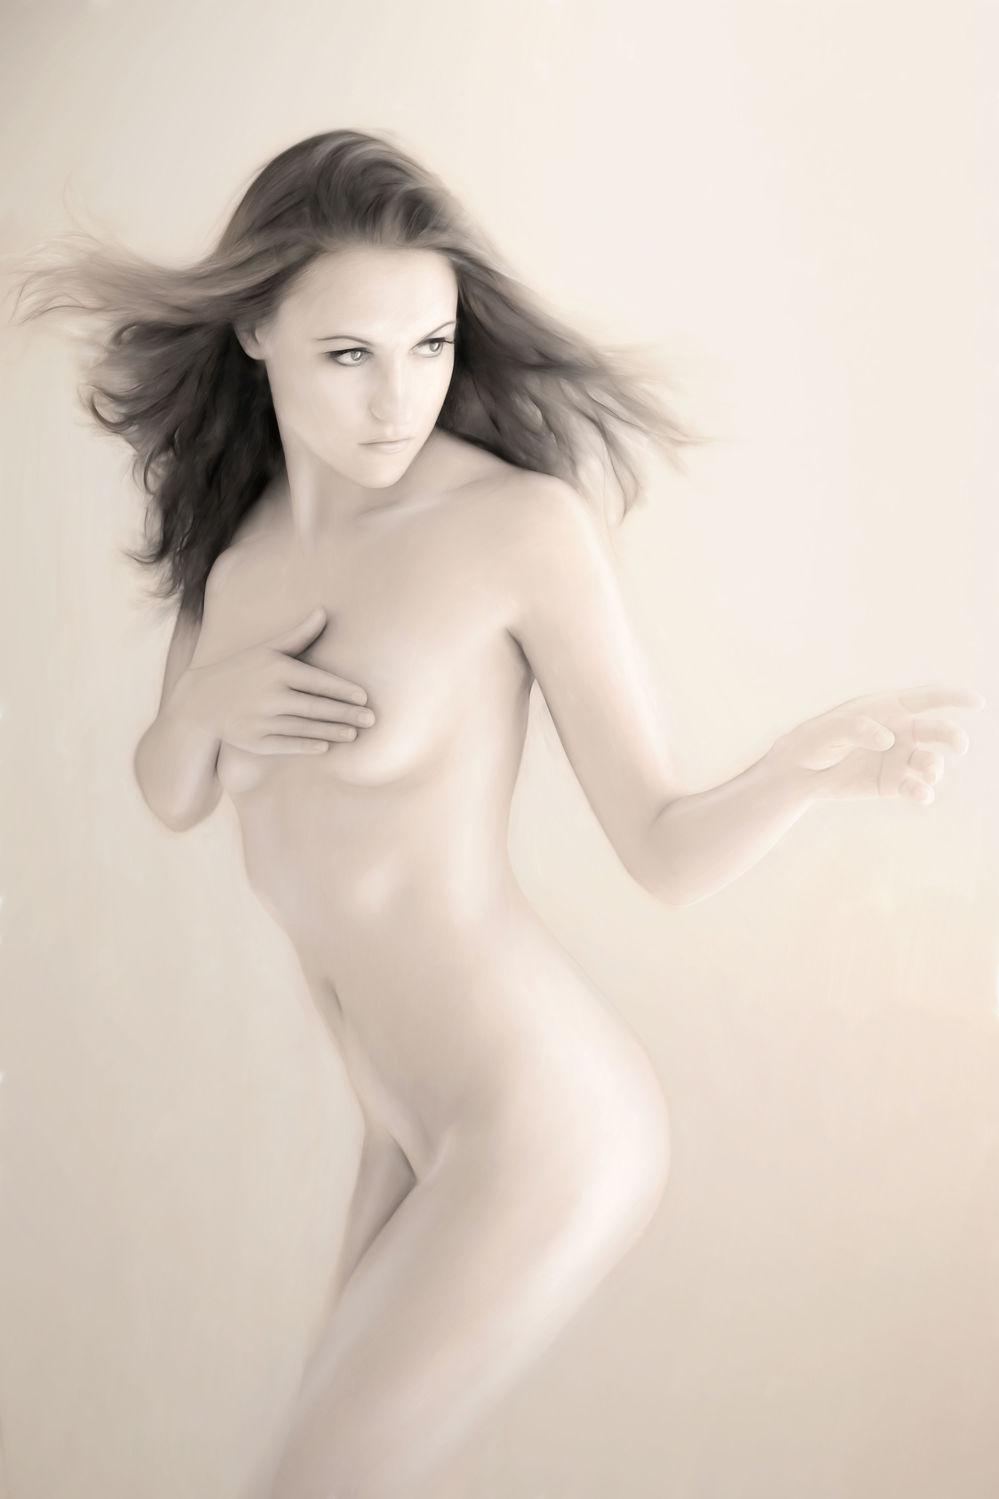 Bild mit nude, Akt, Tanz, Frau, nackt, Sexy, pastell